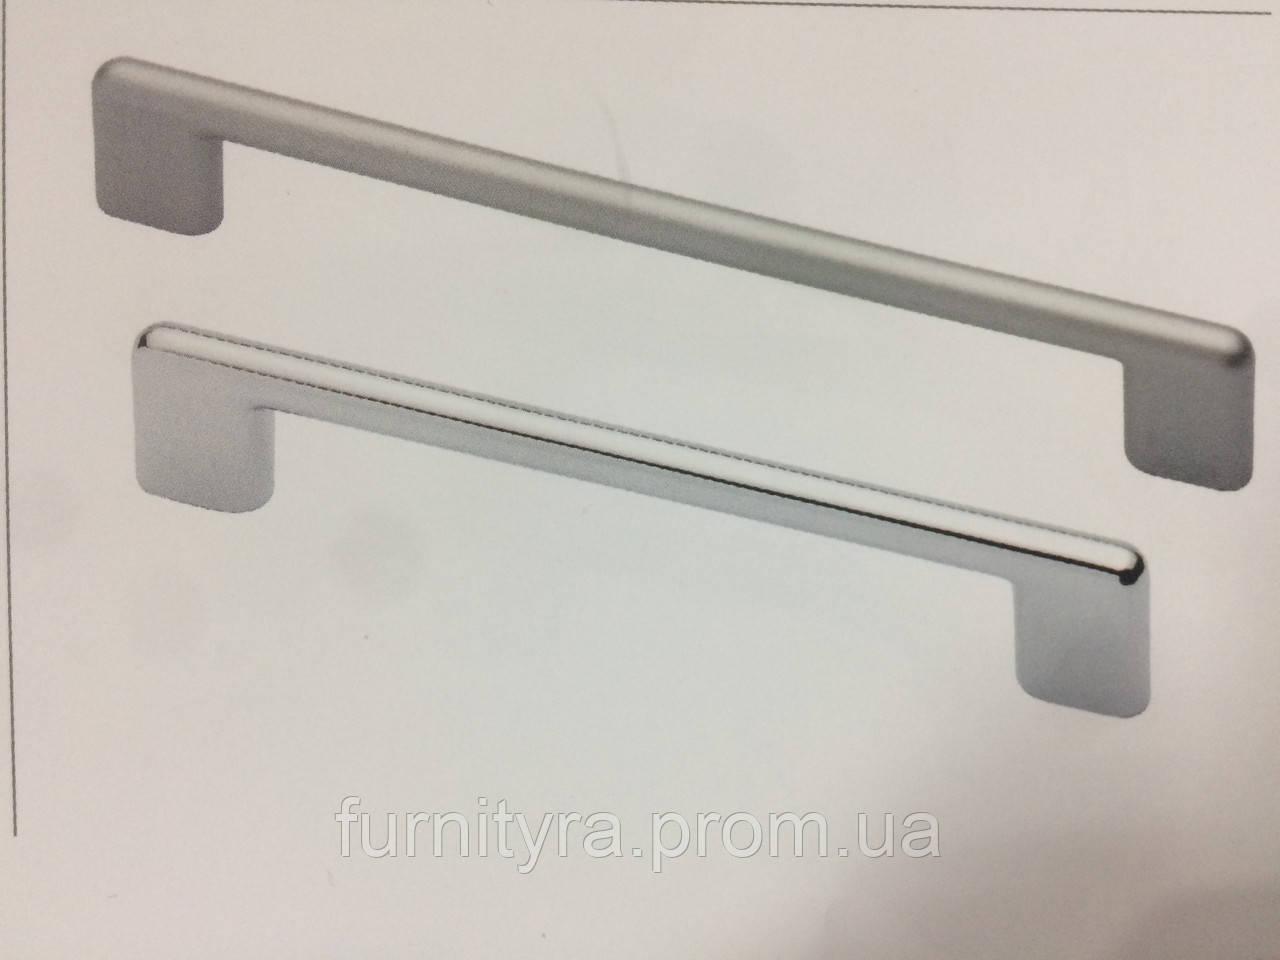 Ручка 128mm LUNA Хром